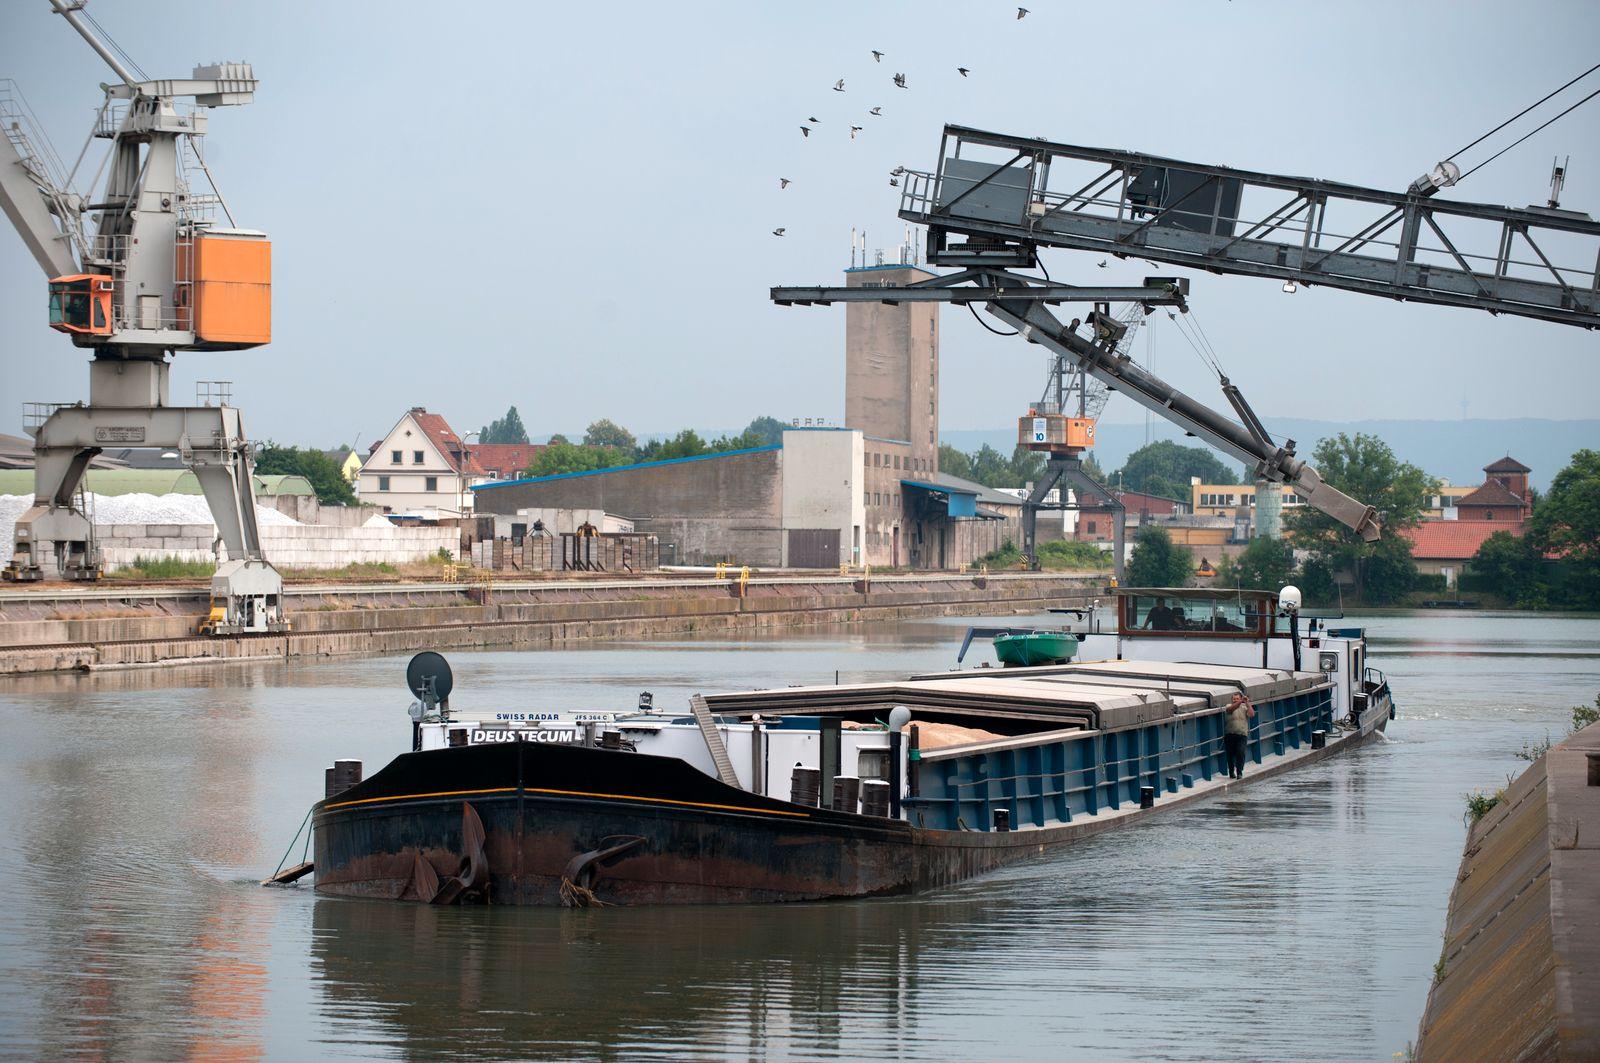 Stichkanal im Hildesheimer Hafen